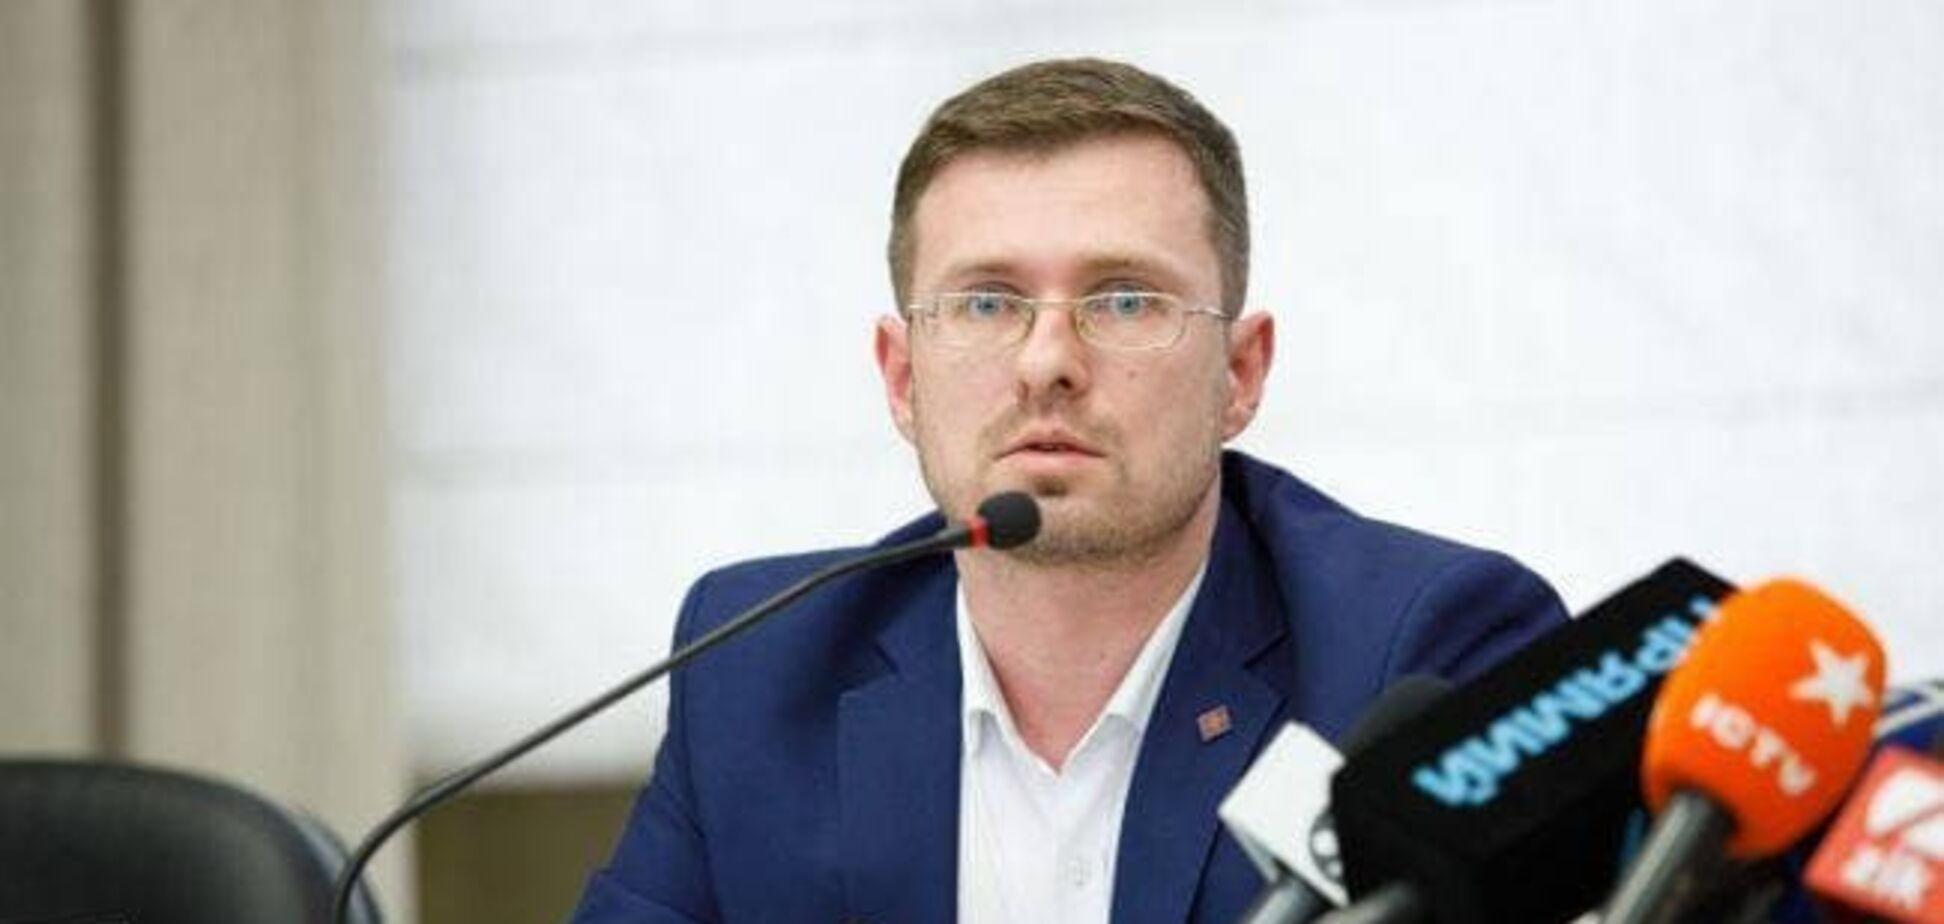 Кабмин назначил нового главного санврача Украины: названо имя